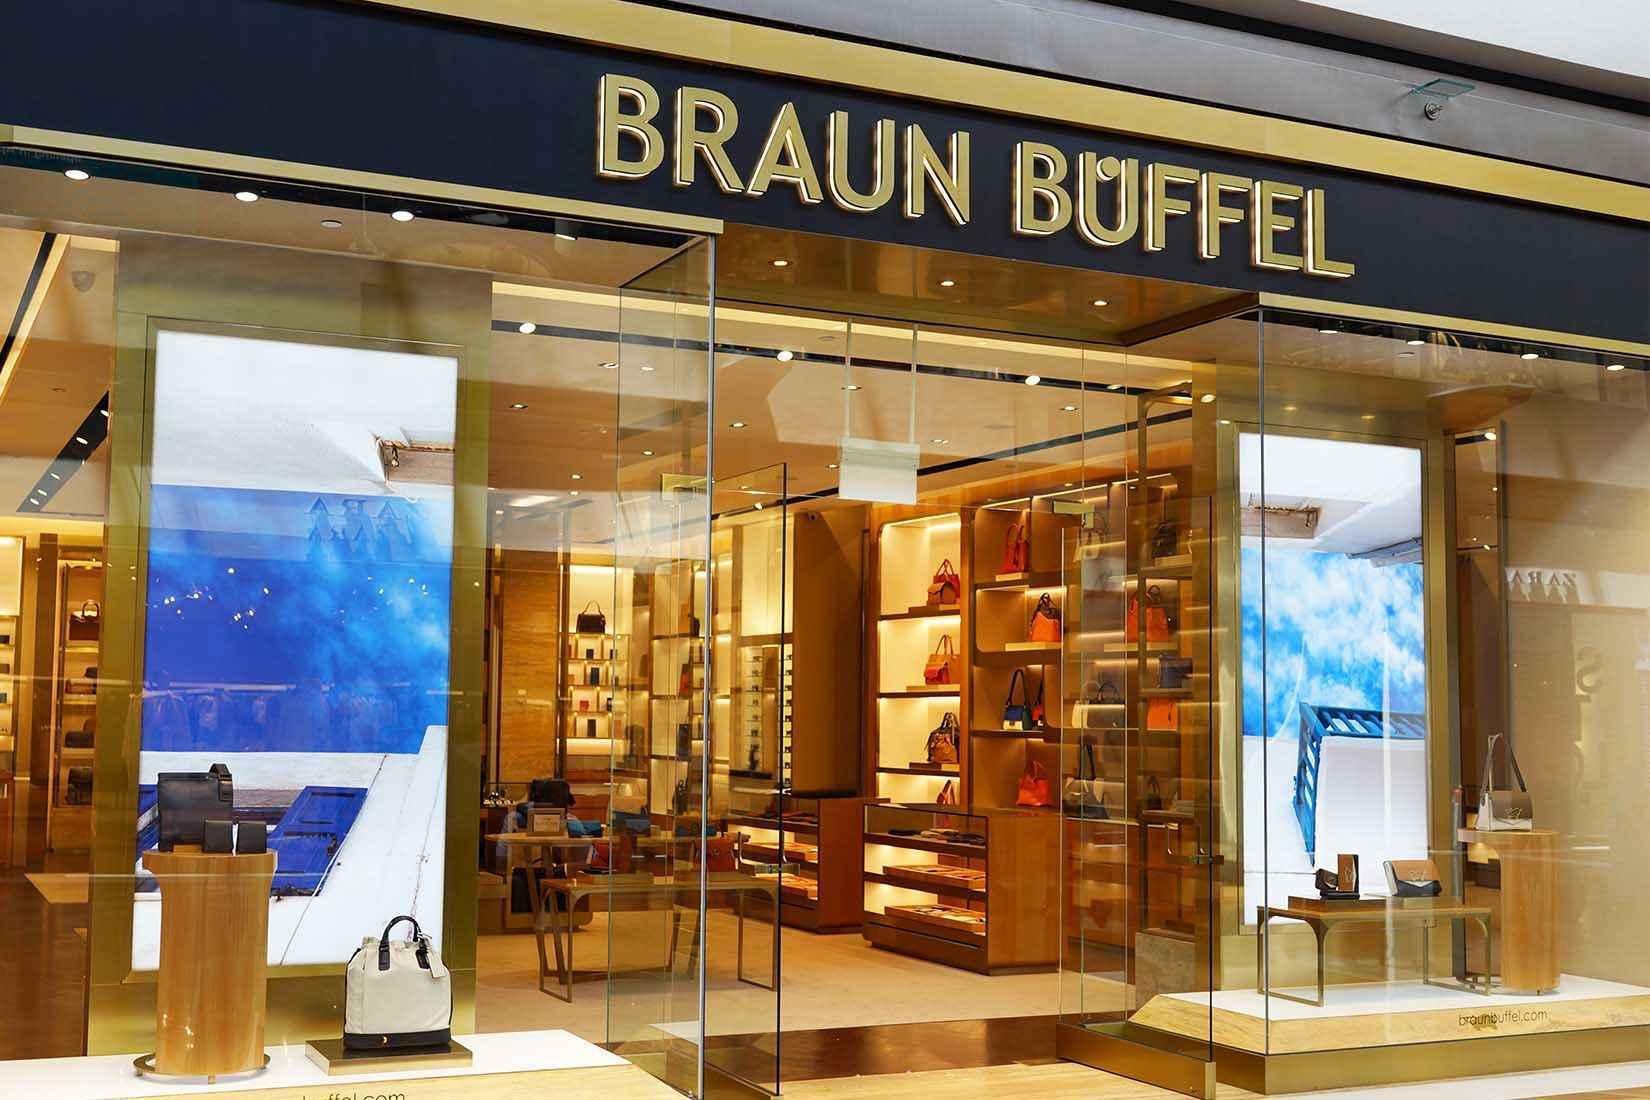 Braun Buffel spectacles: shops